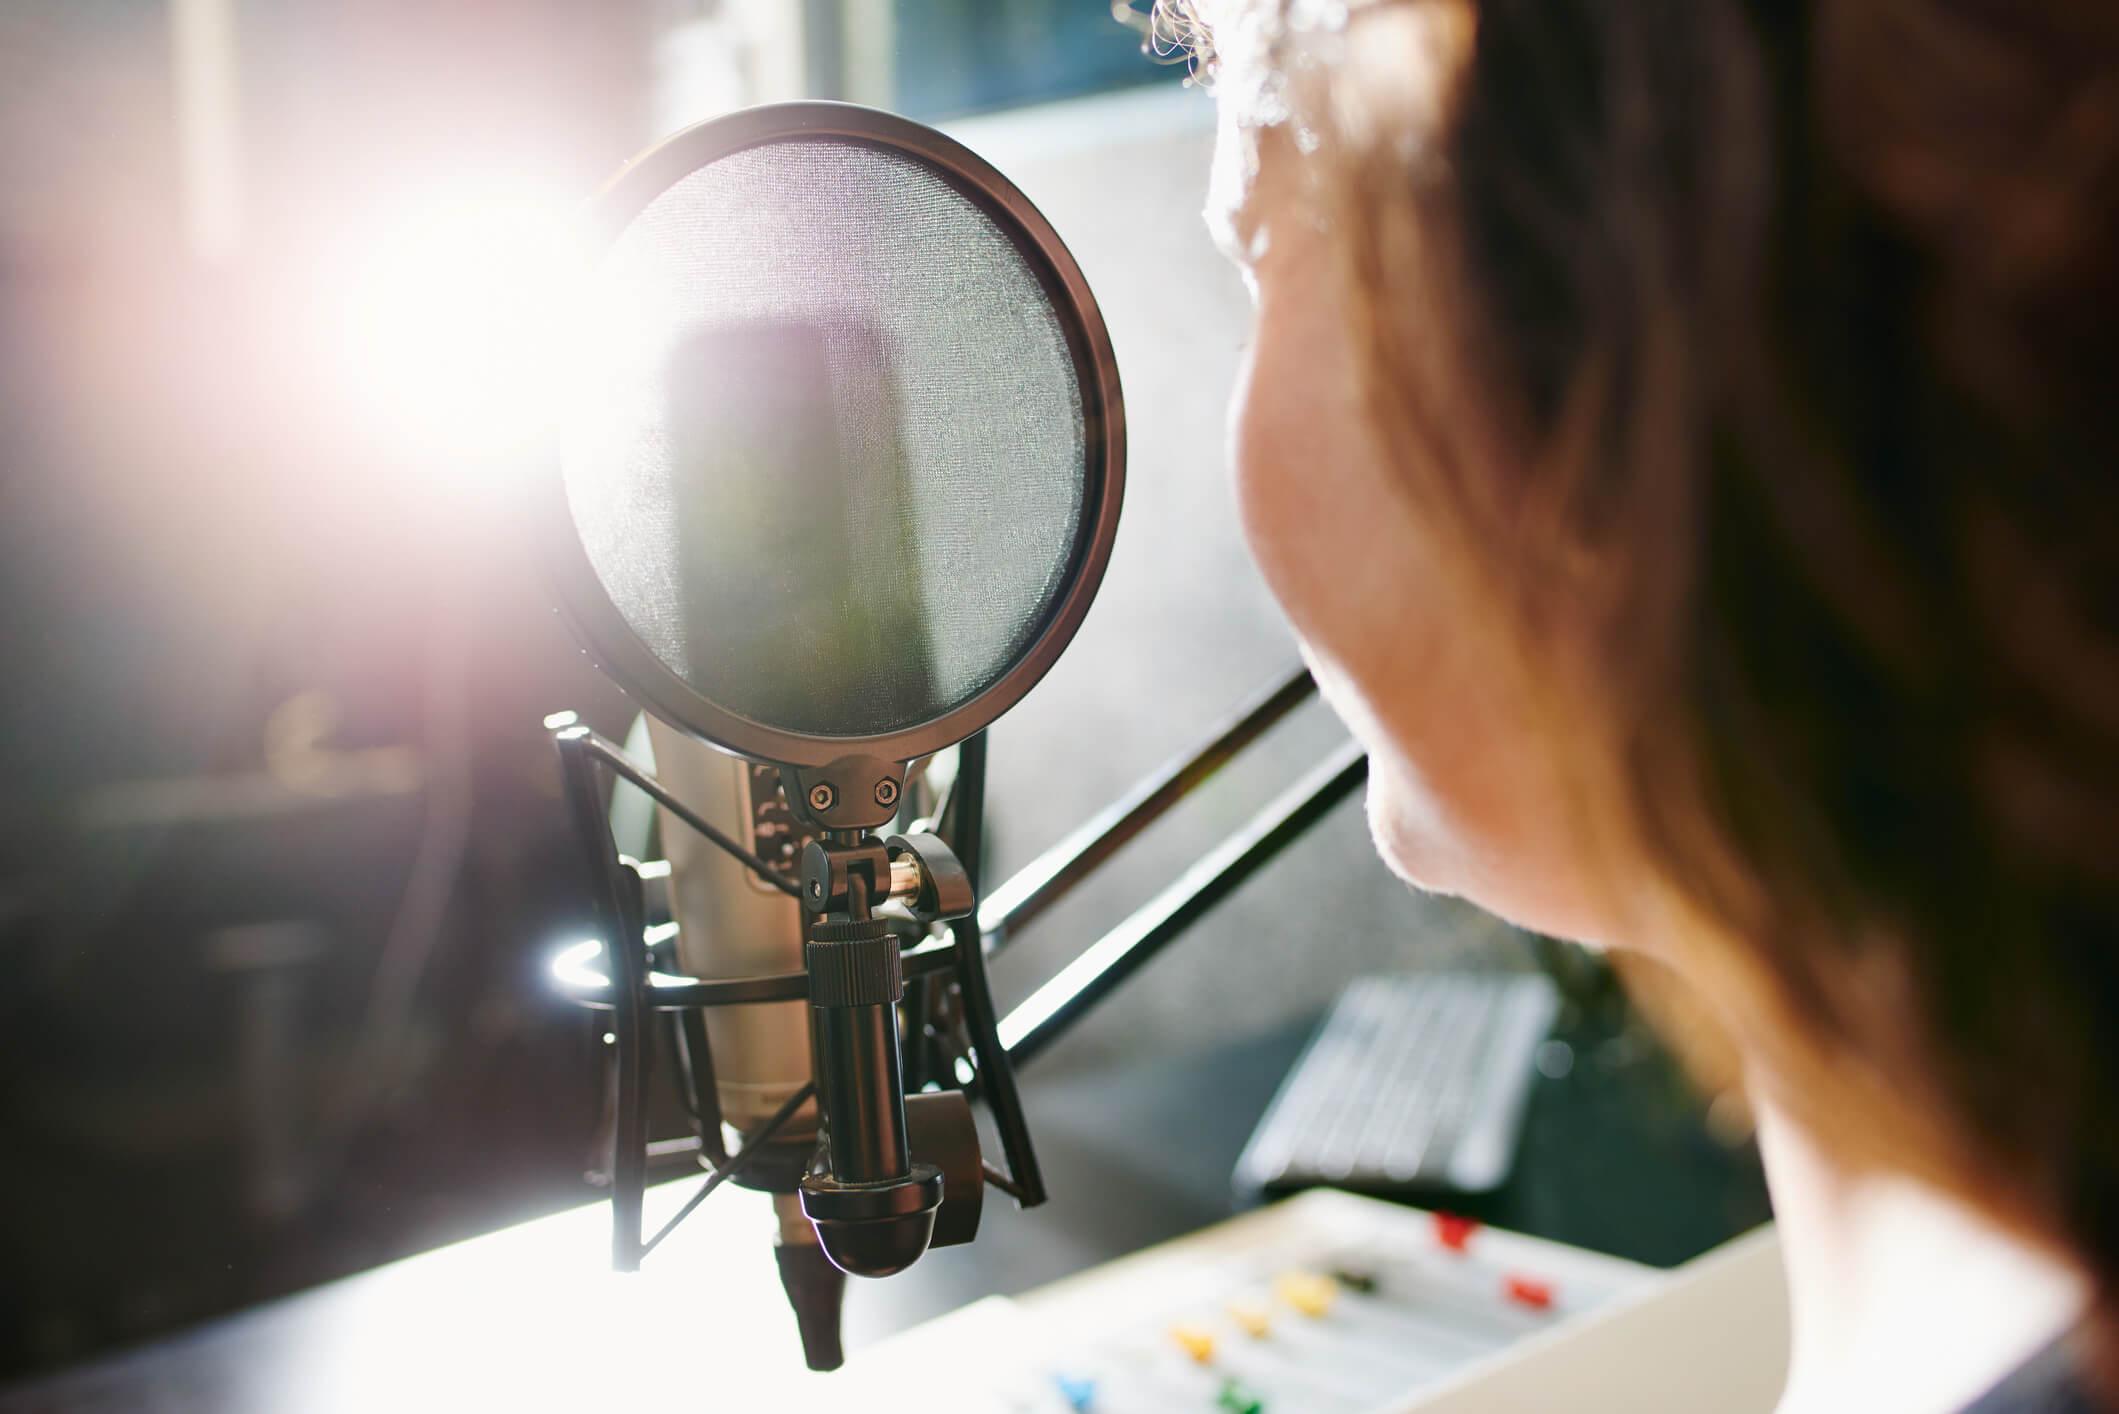 Áudio marketing: uma tendência favorecida pela voz das coisas